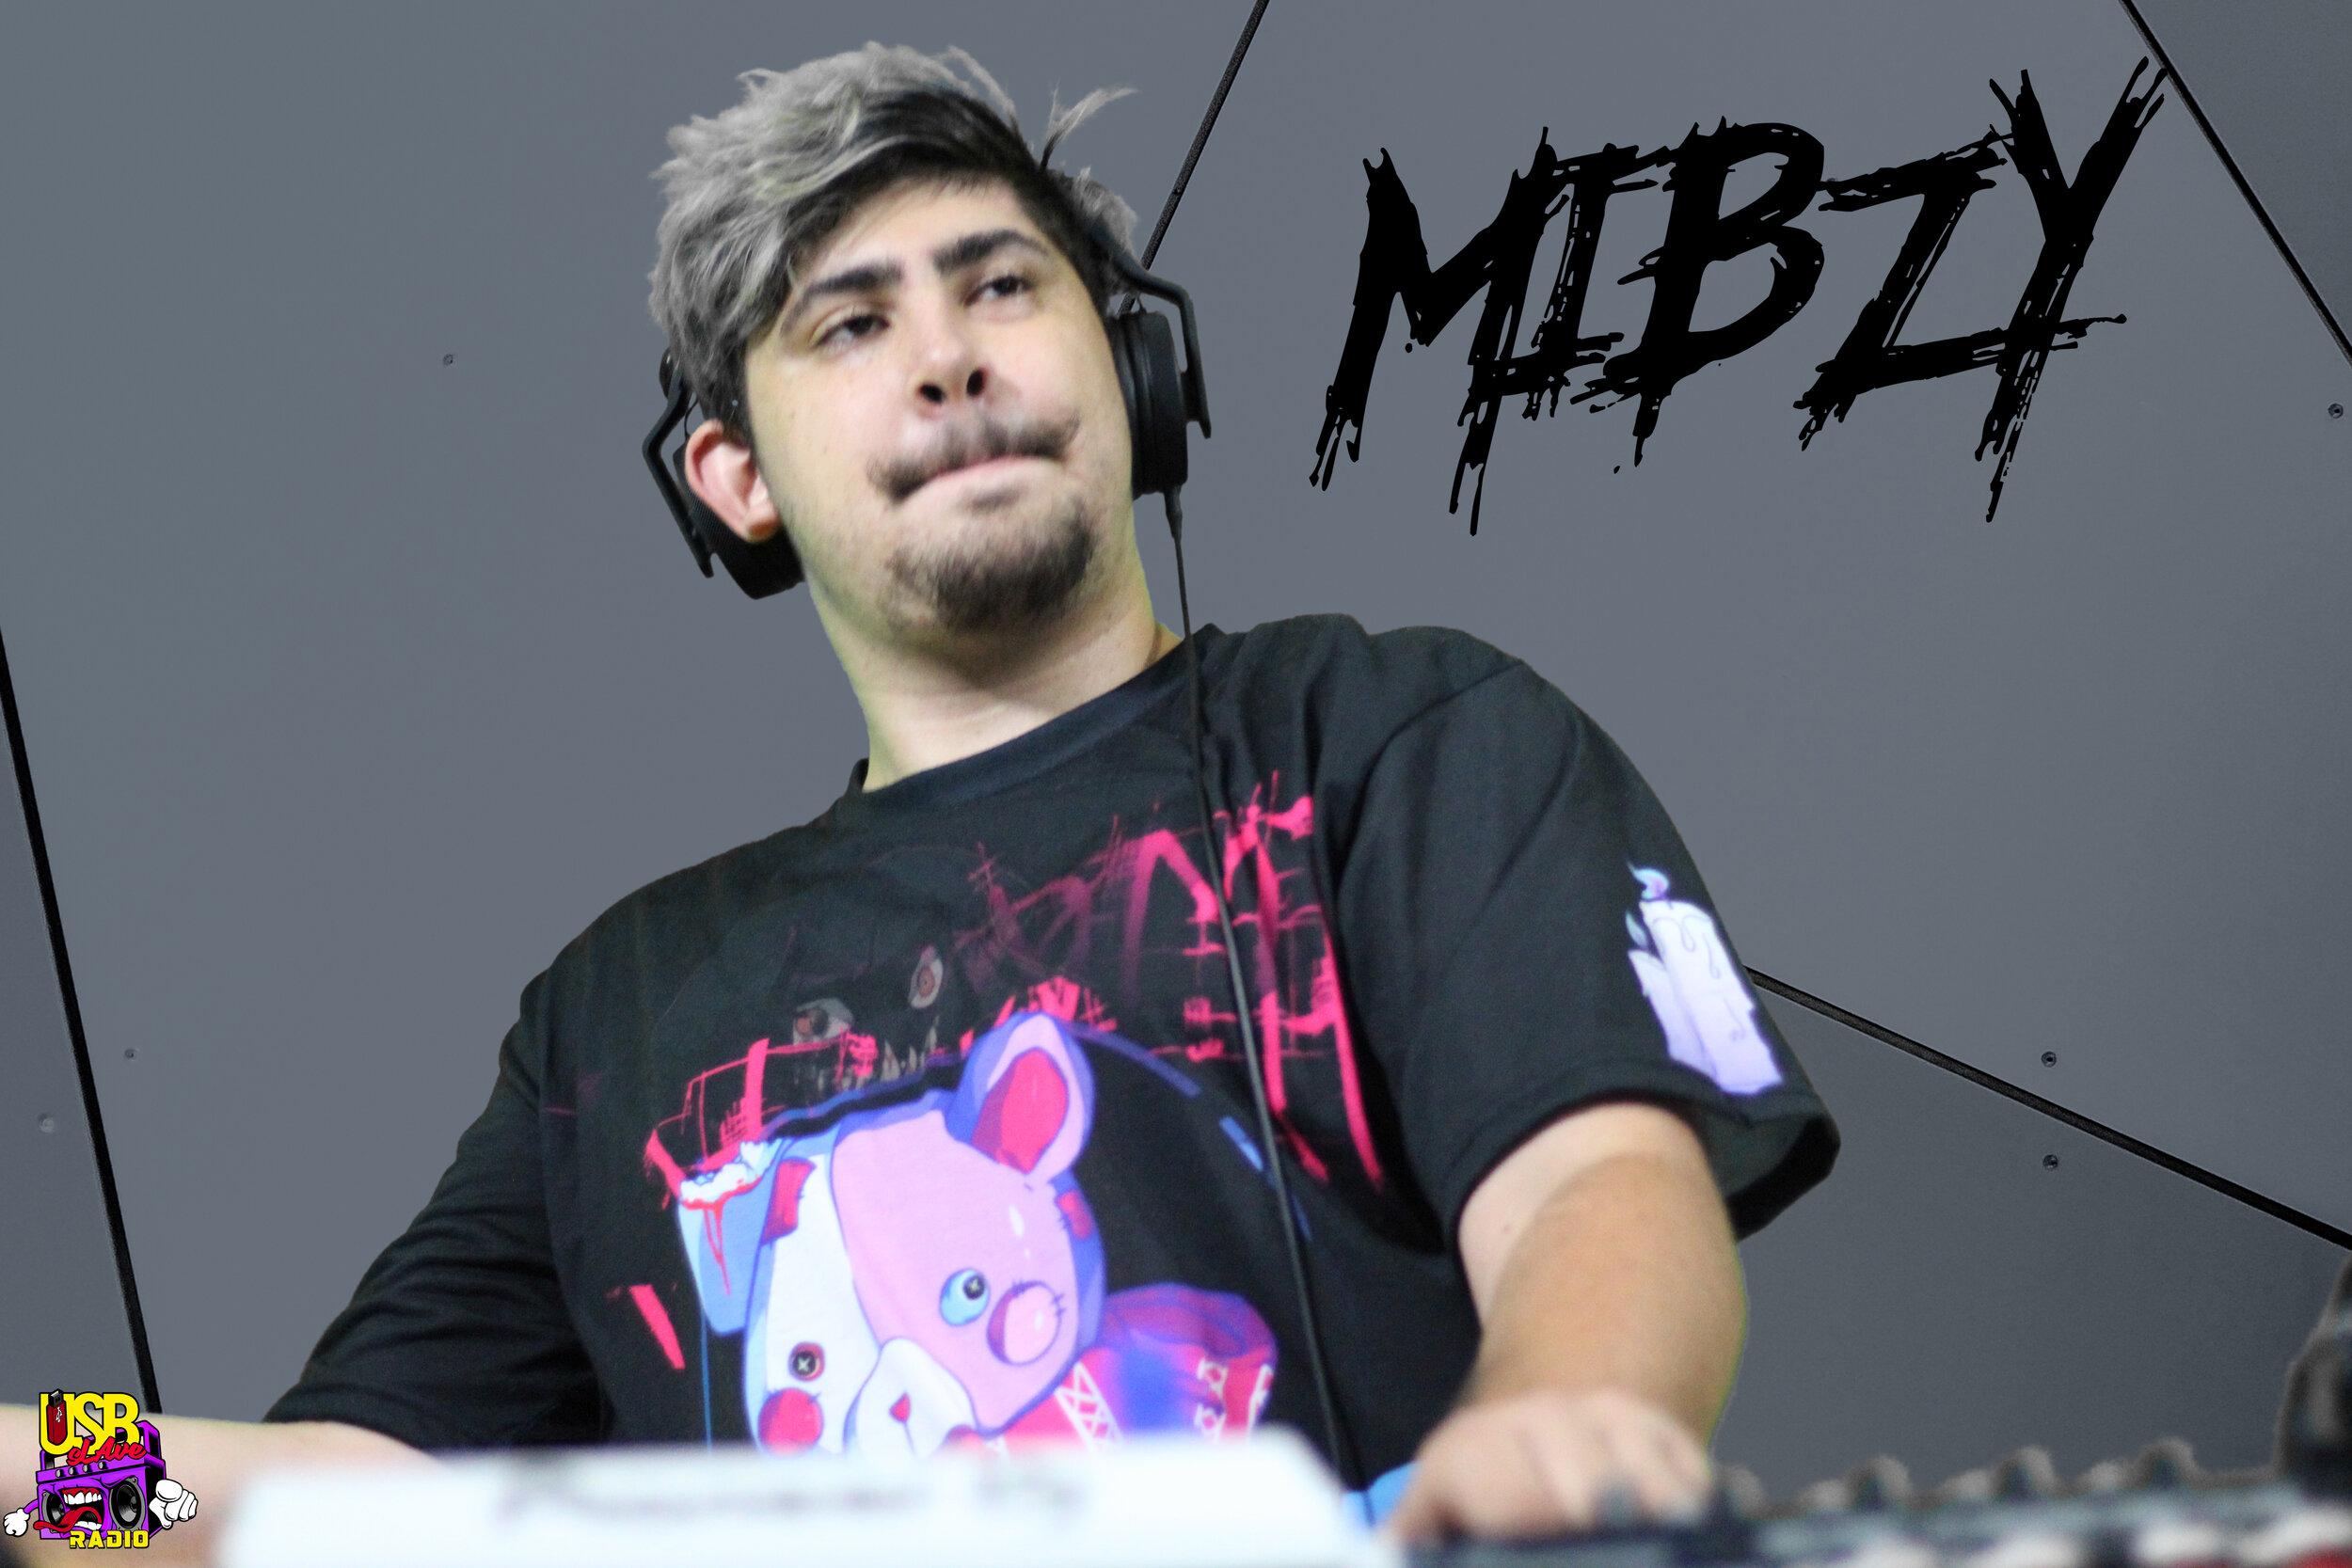 Mibzy